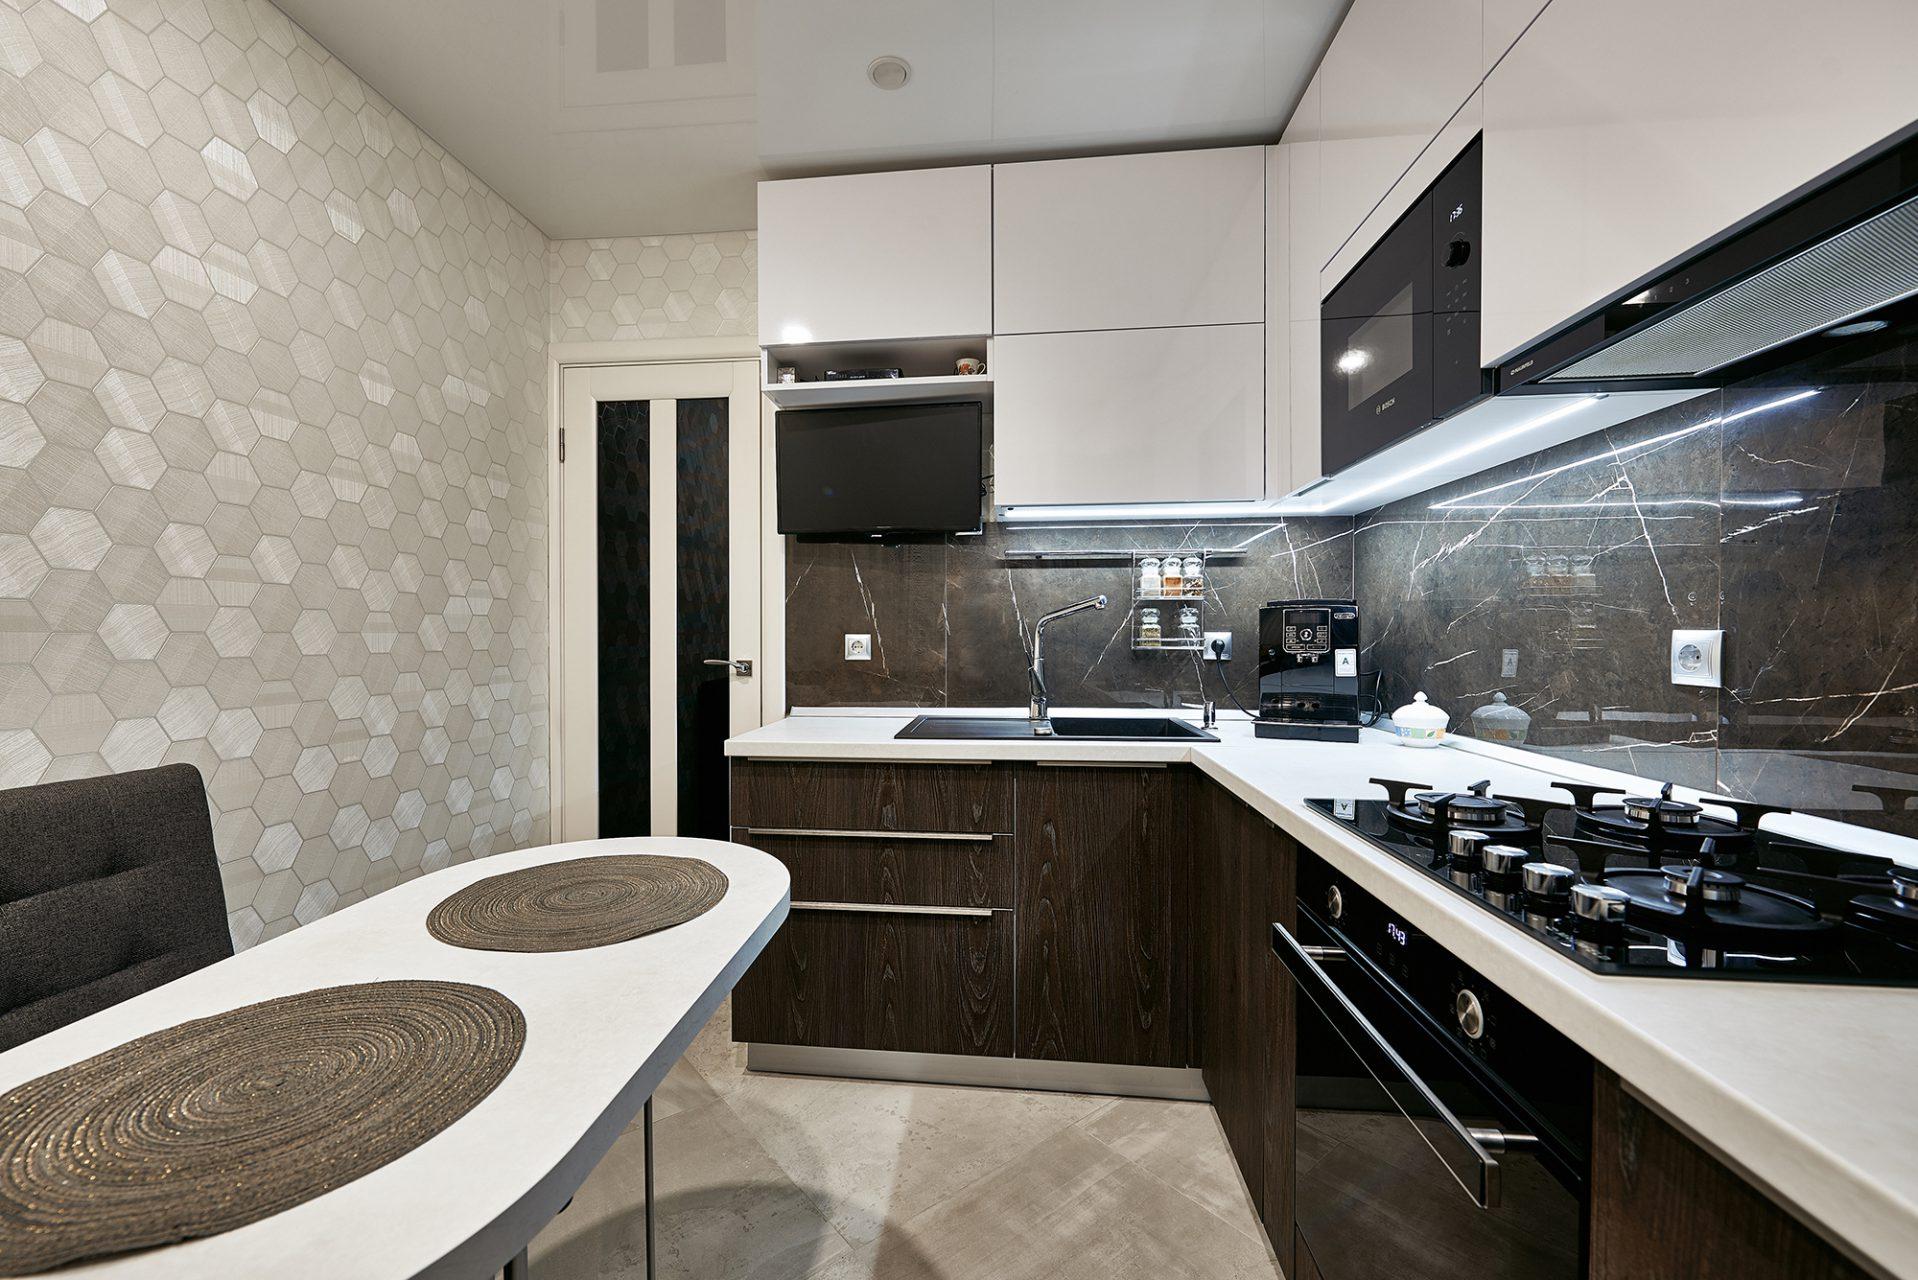 001_interior_kitchen4_korneychikeu